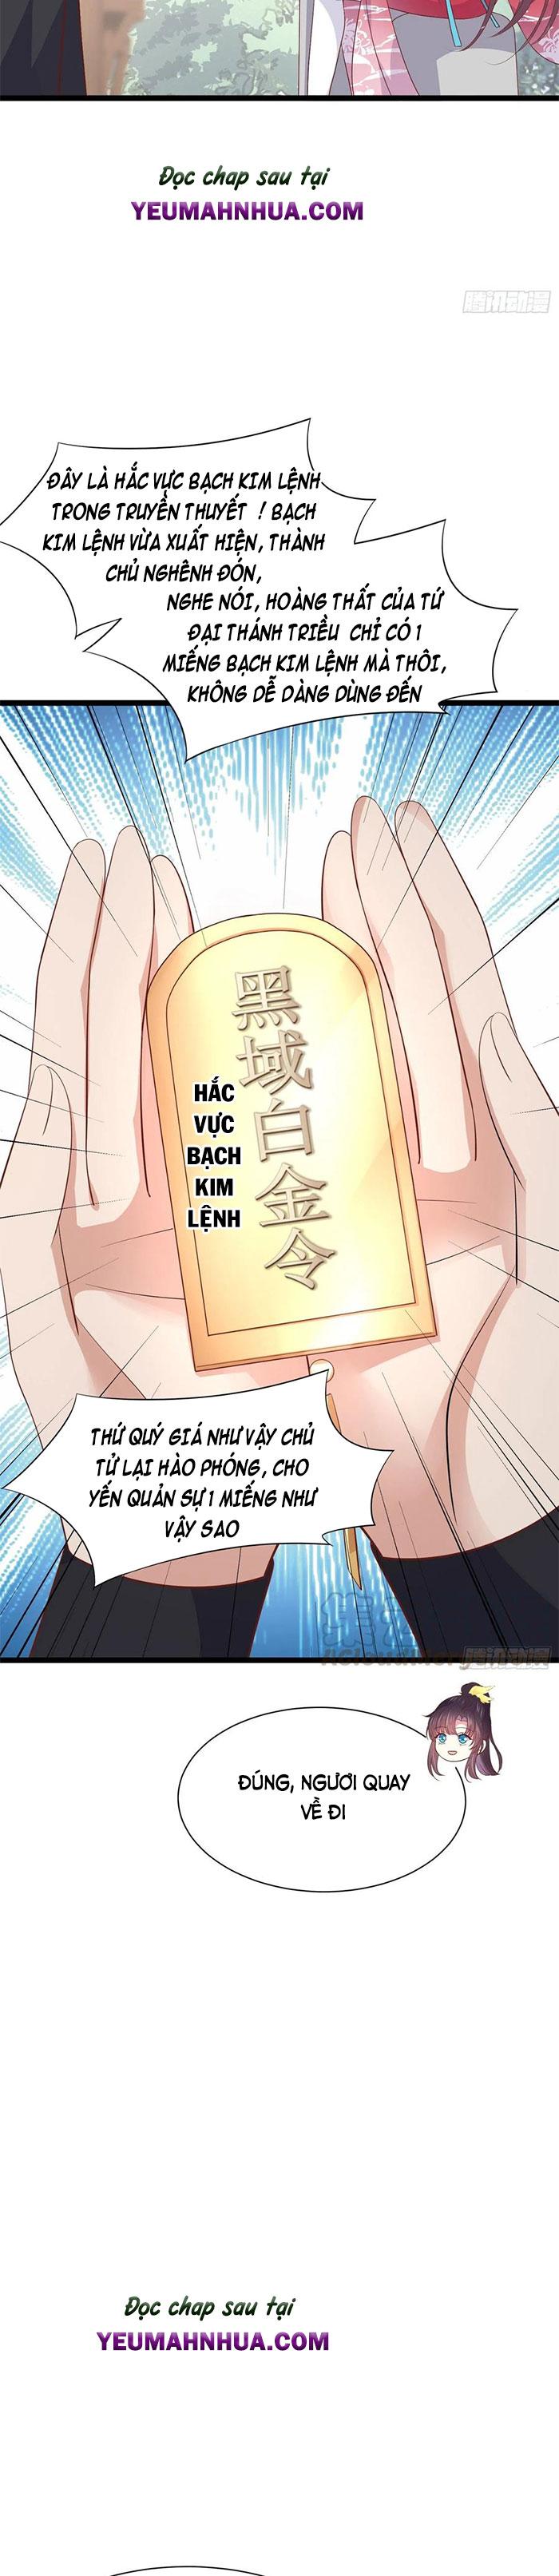 Chi Tôn Đồng Thuật Sư: Tuyệt Thế Đại Tiểu Thư Chương 223 - Vcomic.net